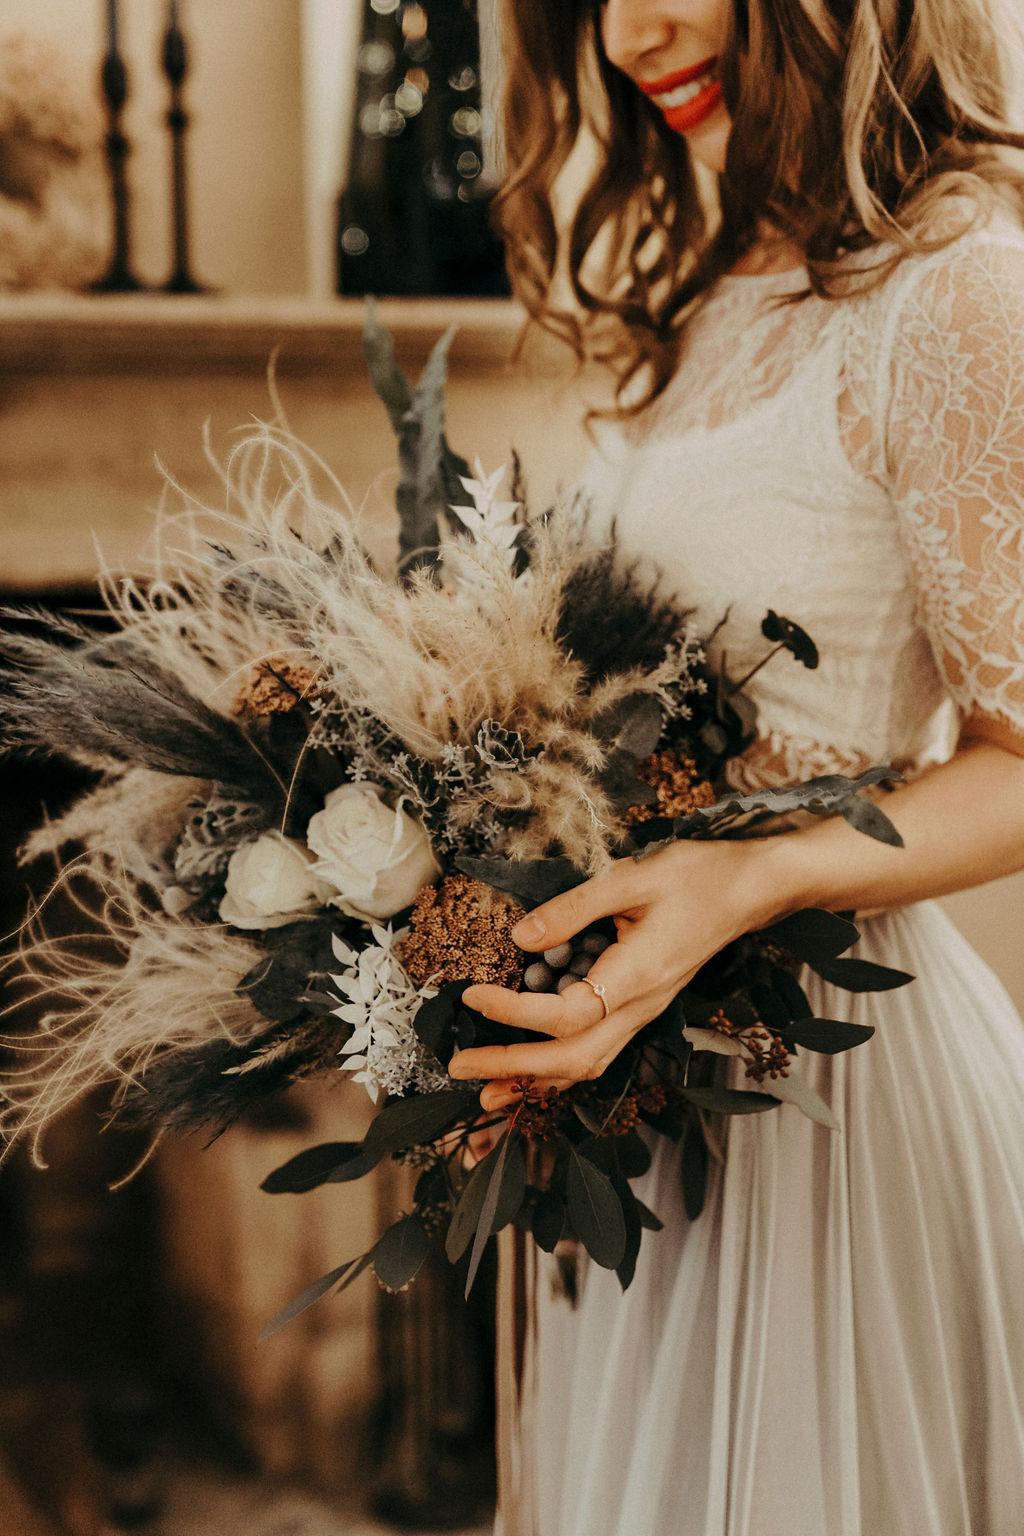 noni Brautmode, Styled Shoot. Model mit brünetten offenen, halb-langen Haaren, Blumenstrauss und zweiteiligem Brautkleid im Boho Stil vor Kamin, Nahaufnahme Brautstrauss